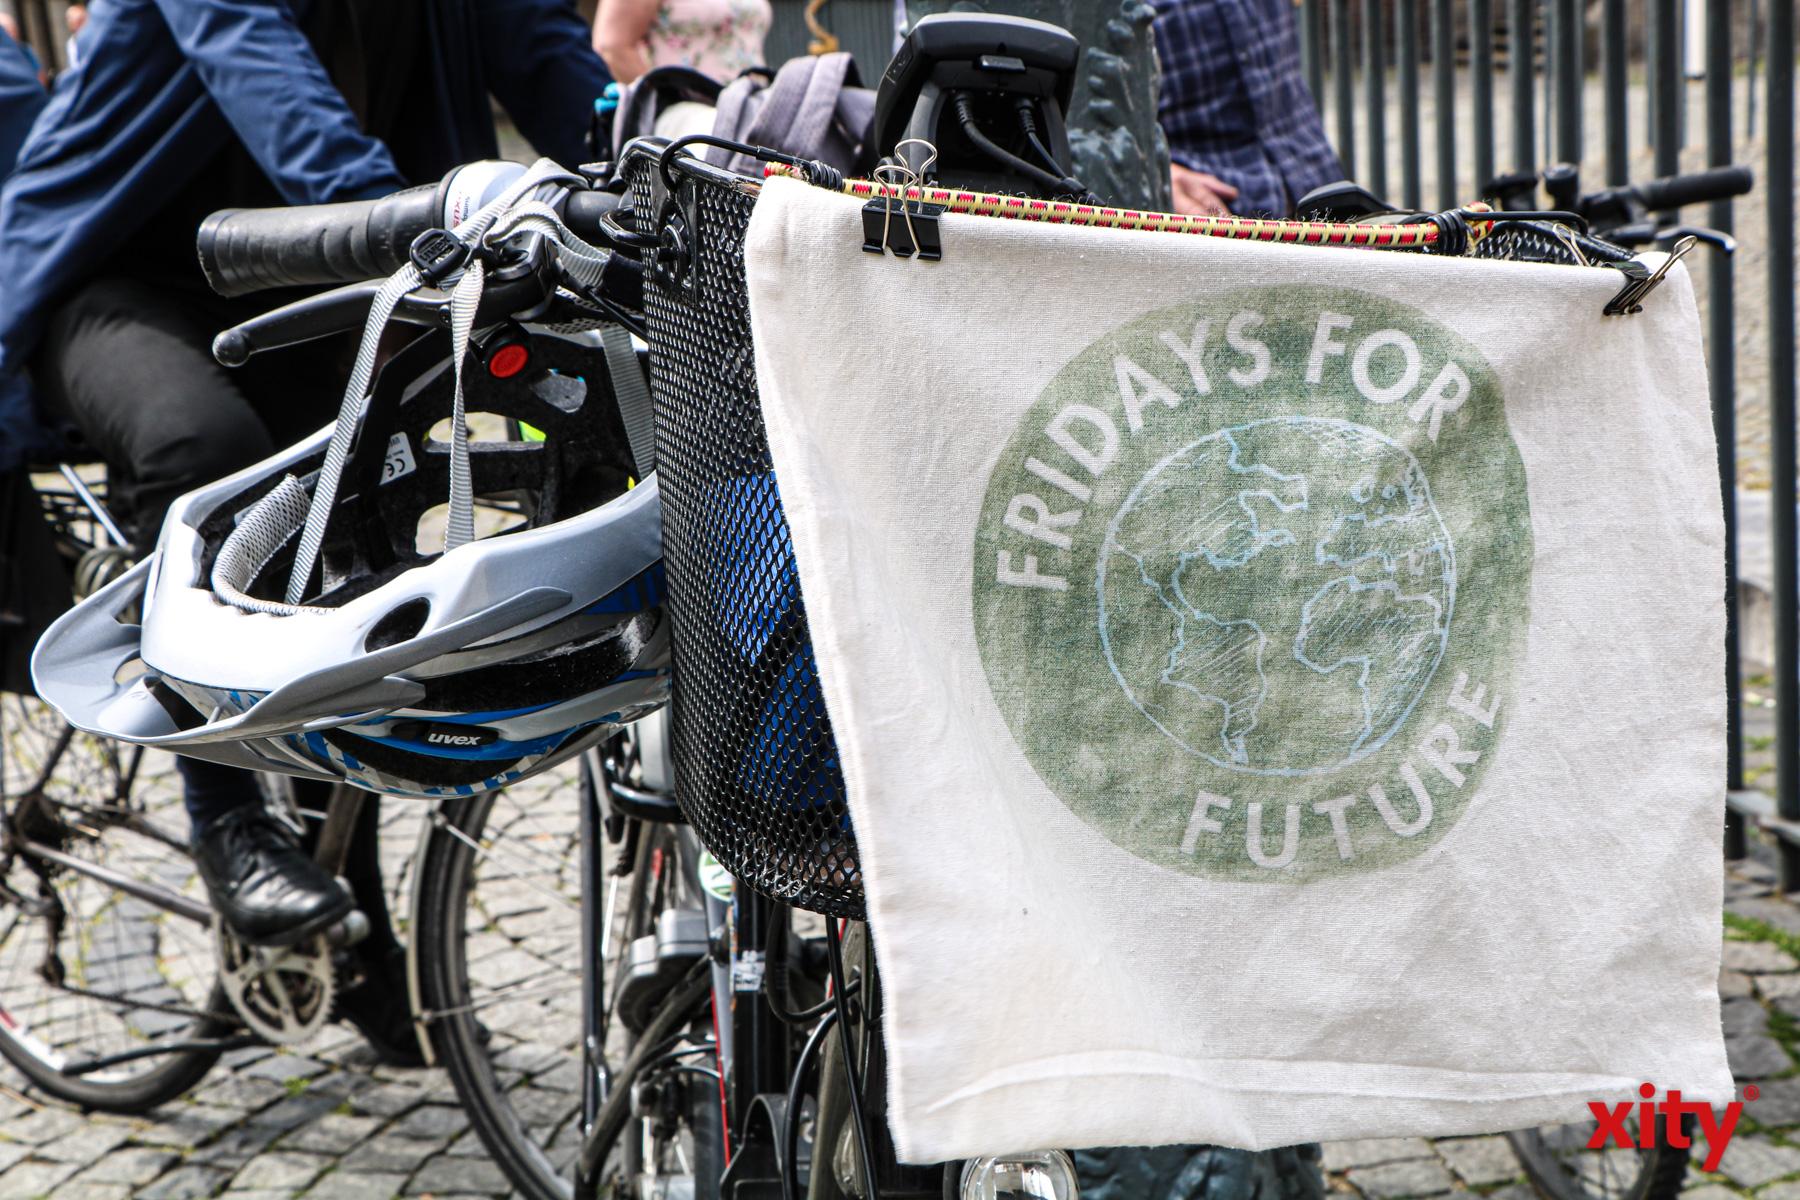 Mit der Aktion wollte die Bewegung das Fahrrad als klimaneutrales Verkehrsmittel pushen (Foto: xity)